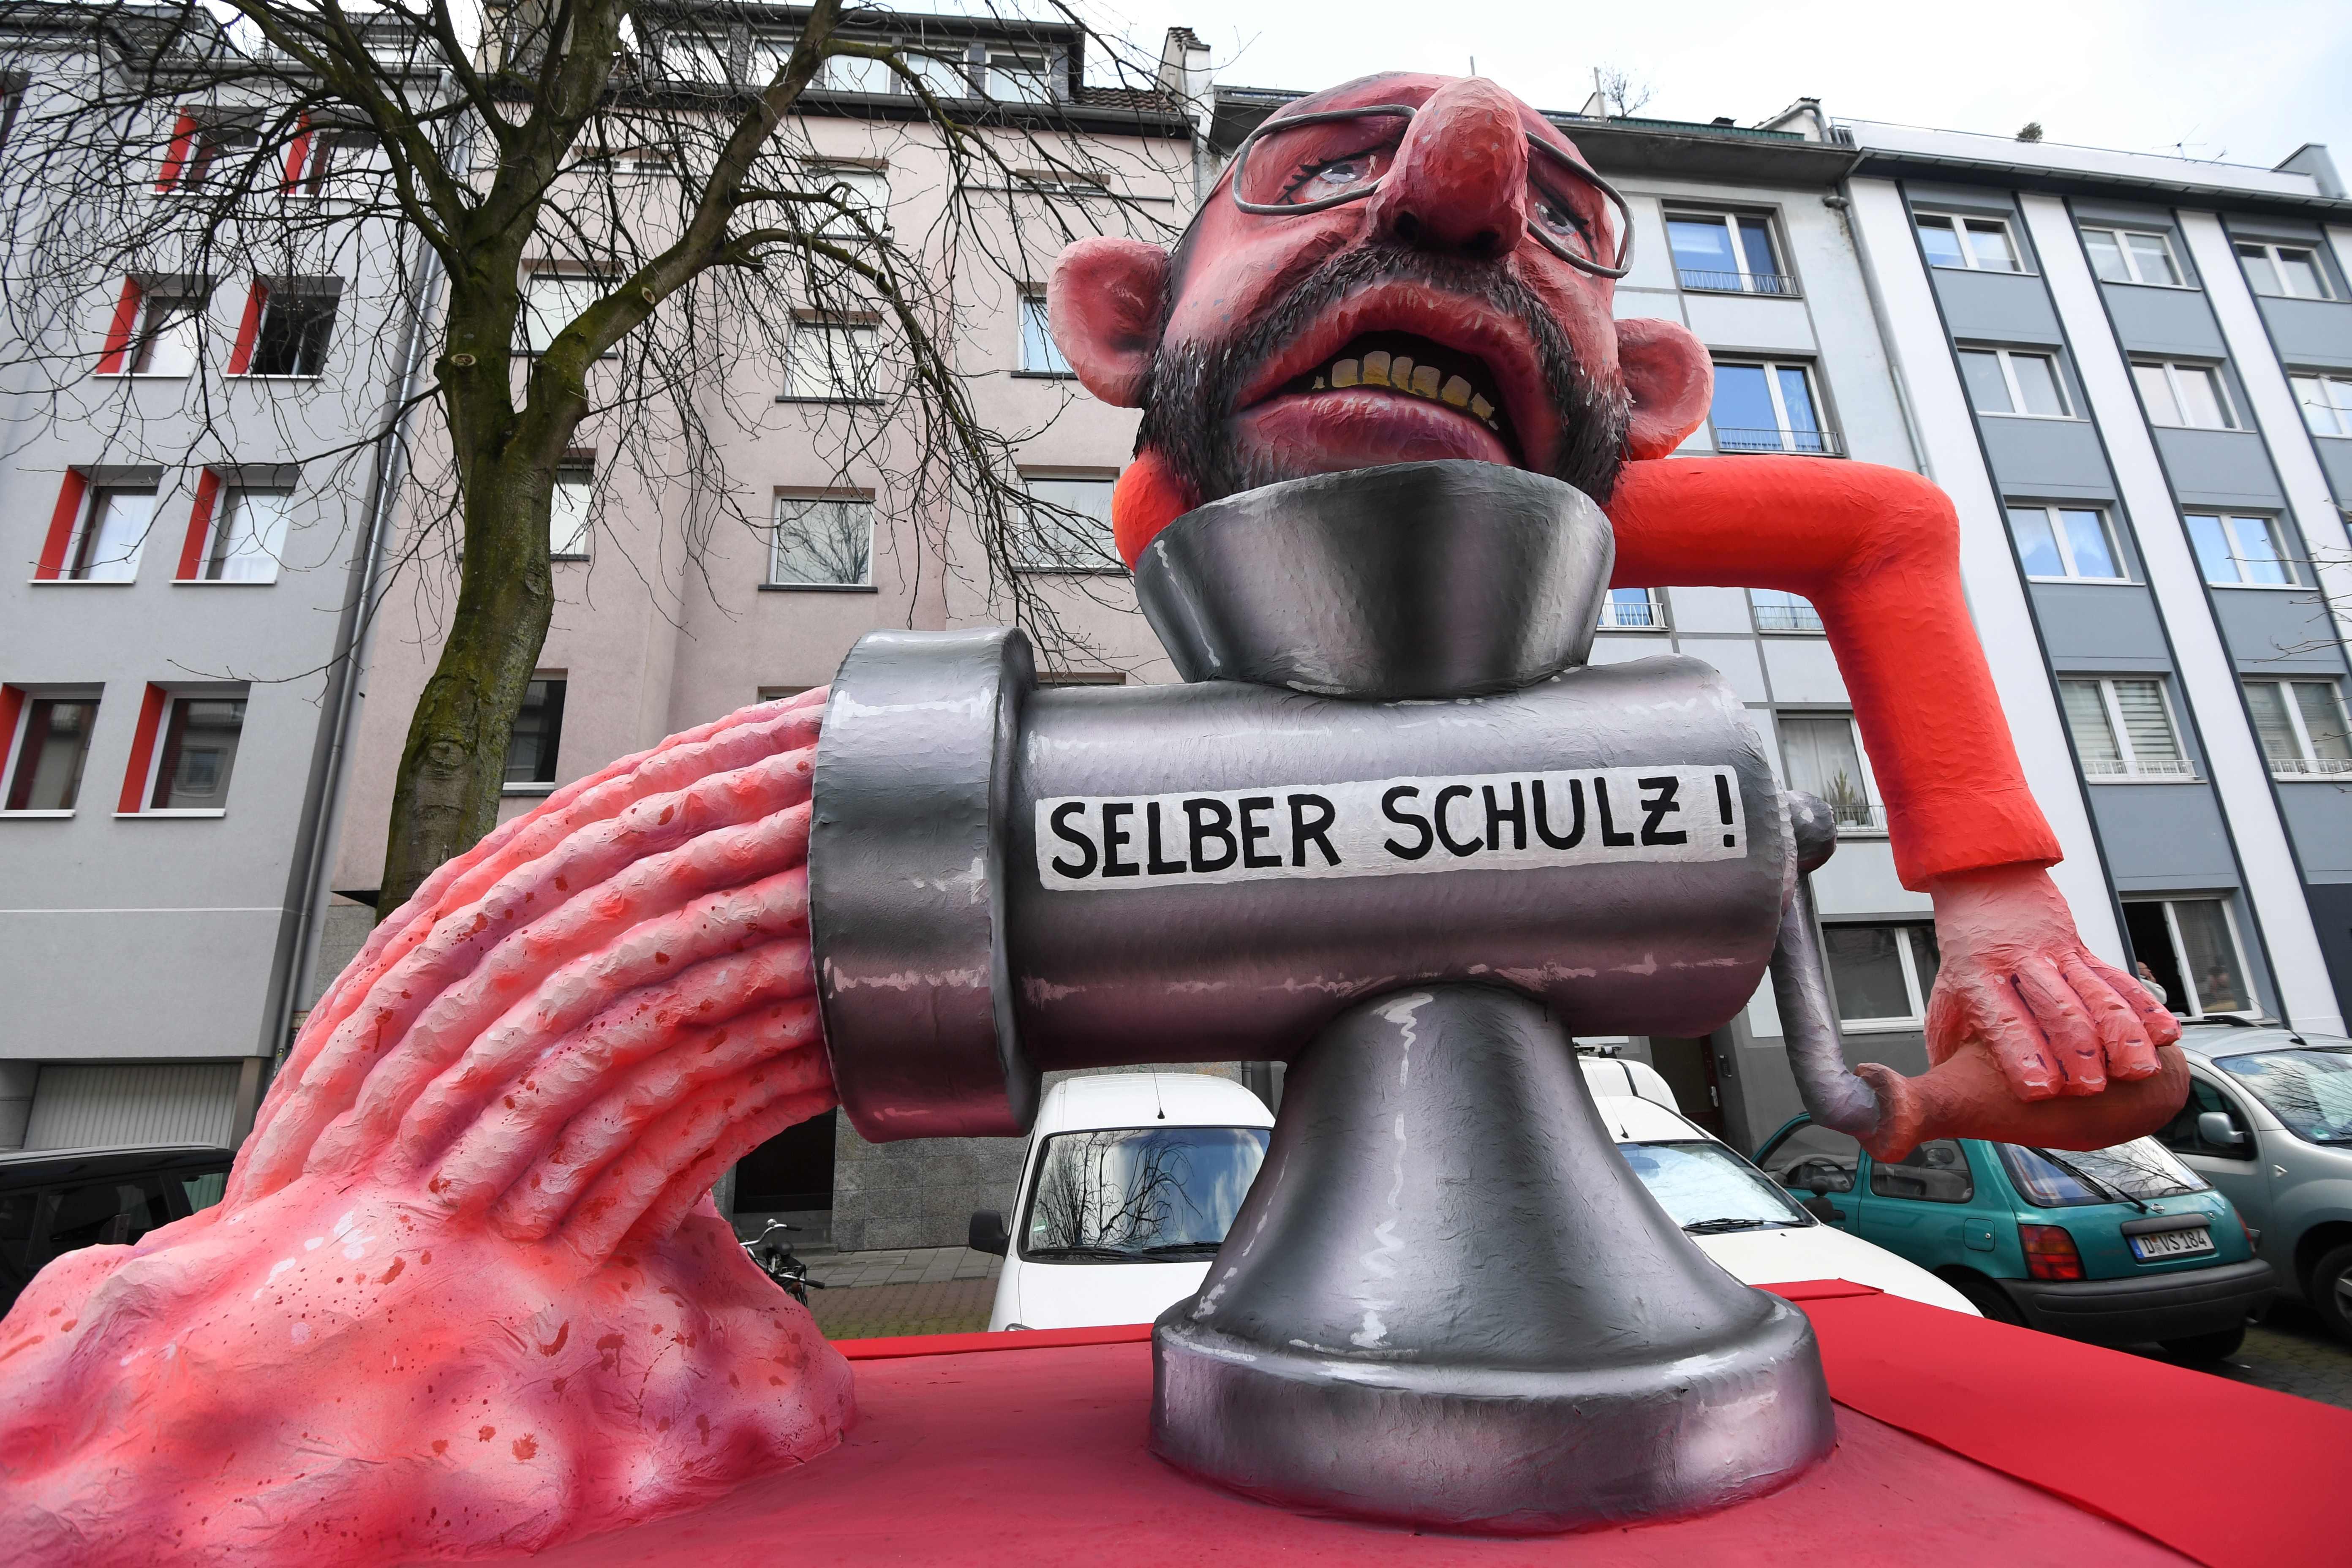 الألمان يسخرون من زعيم الحزب الديمقراطي الاشتراكي الألماني مارتن شولز